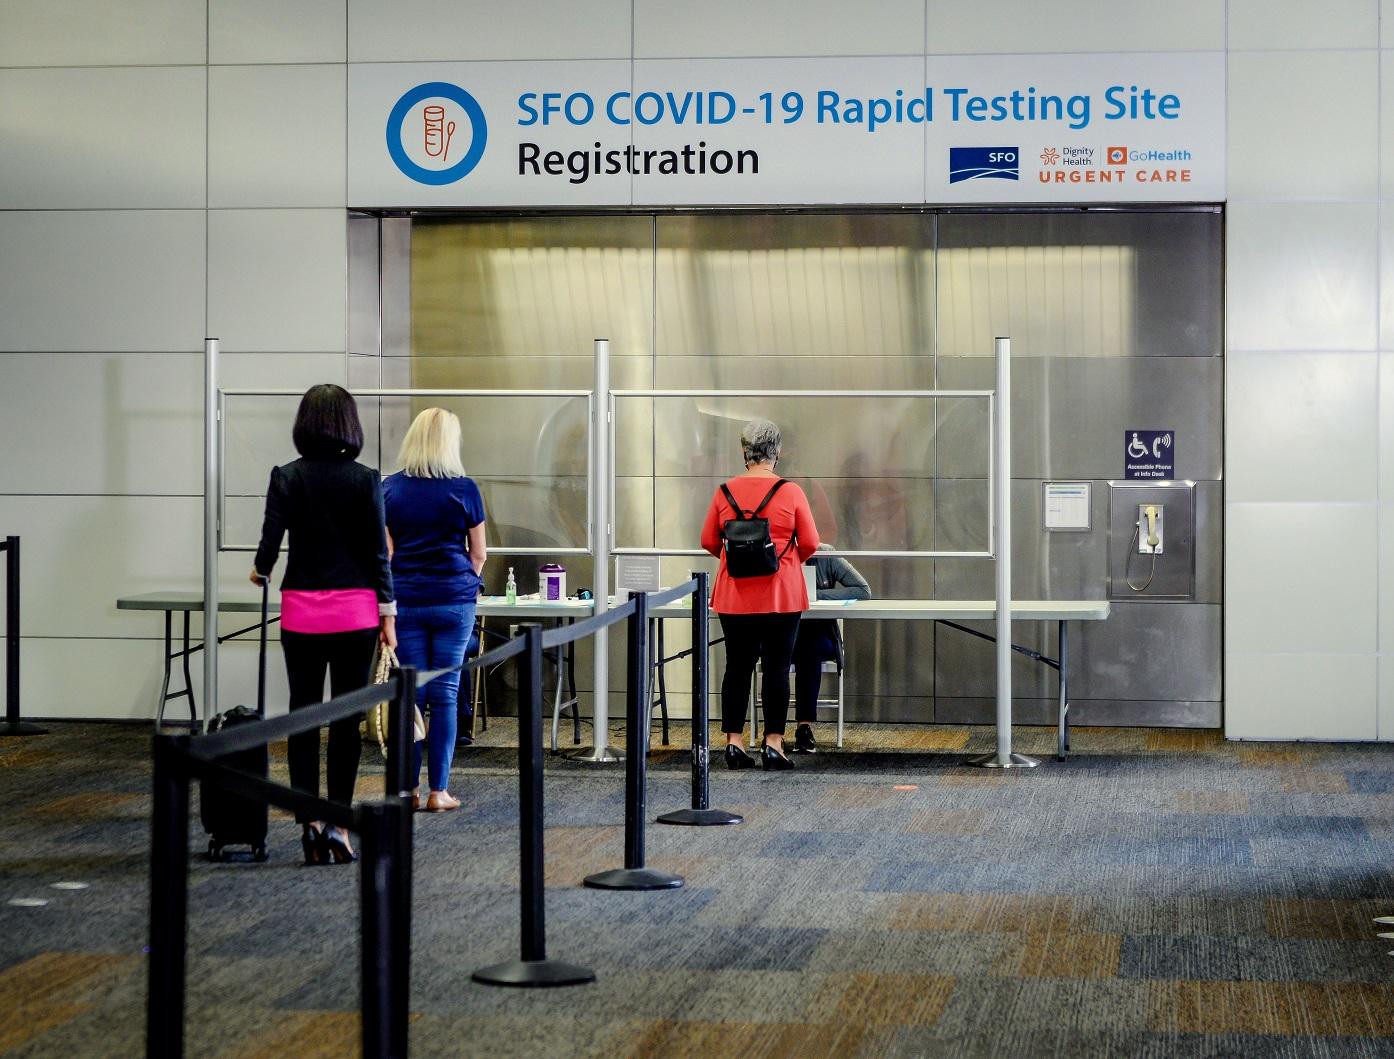 COVID-19 testing at San Francisco International Airport